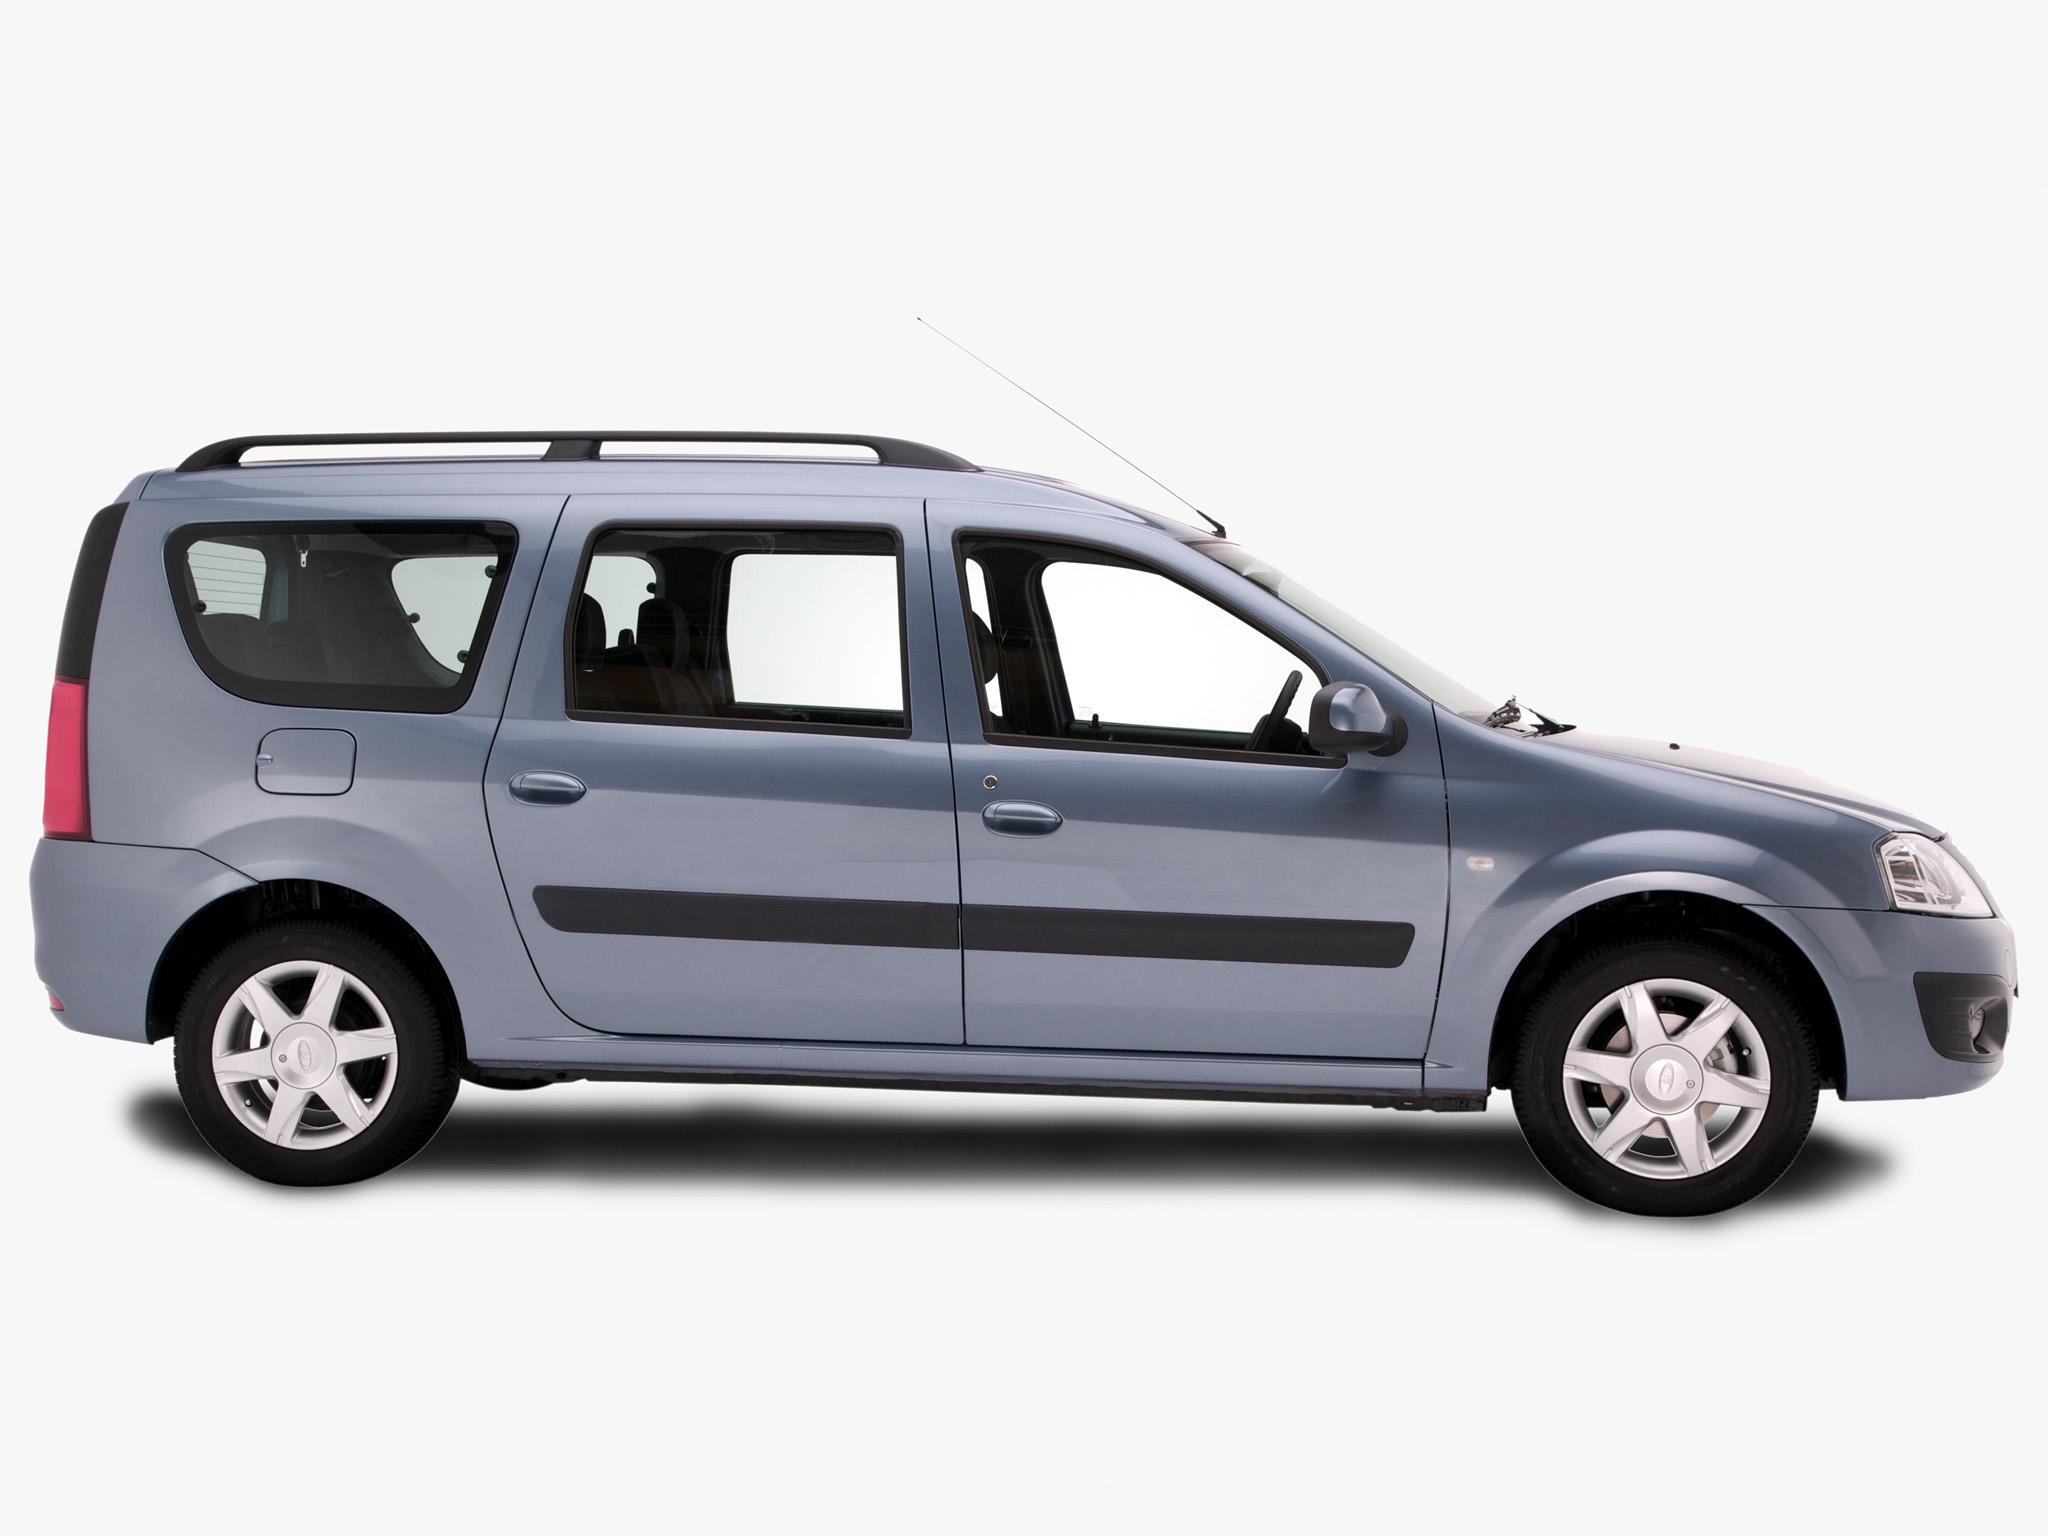 Продажи Lada Largus в первом полугодии выросли на 53